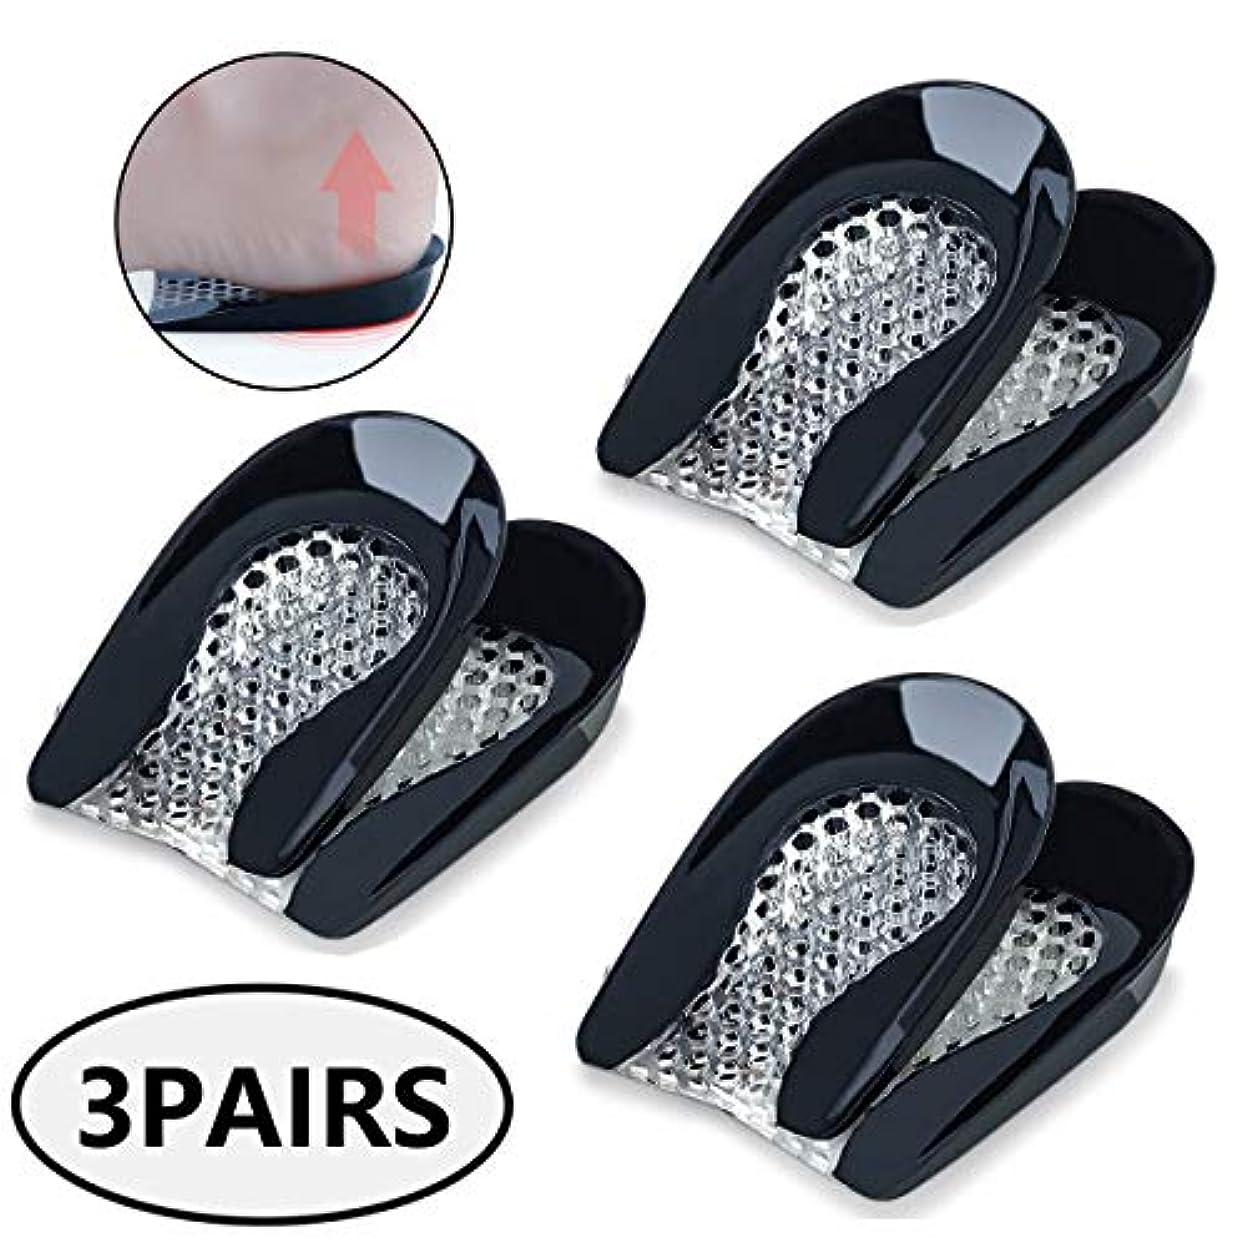 悪意のあるシンカン上昇整形外科靴の中敷の靴の挿入物-かかとの痛み、かかとのかかと、アキレス腱炎のかかとカップ-女性用かかとジェルパッド(3組)